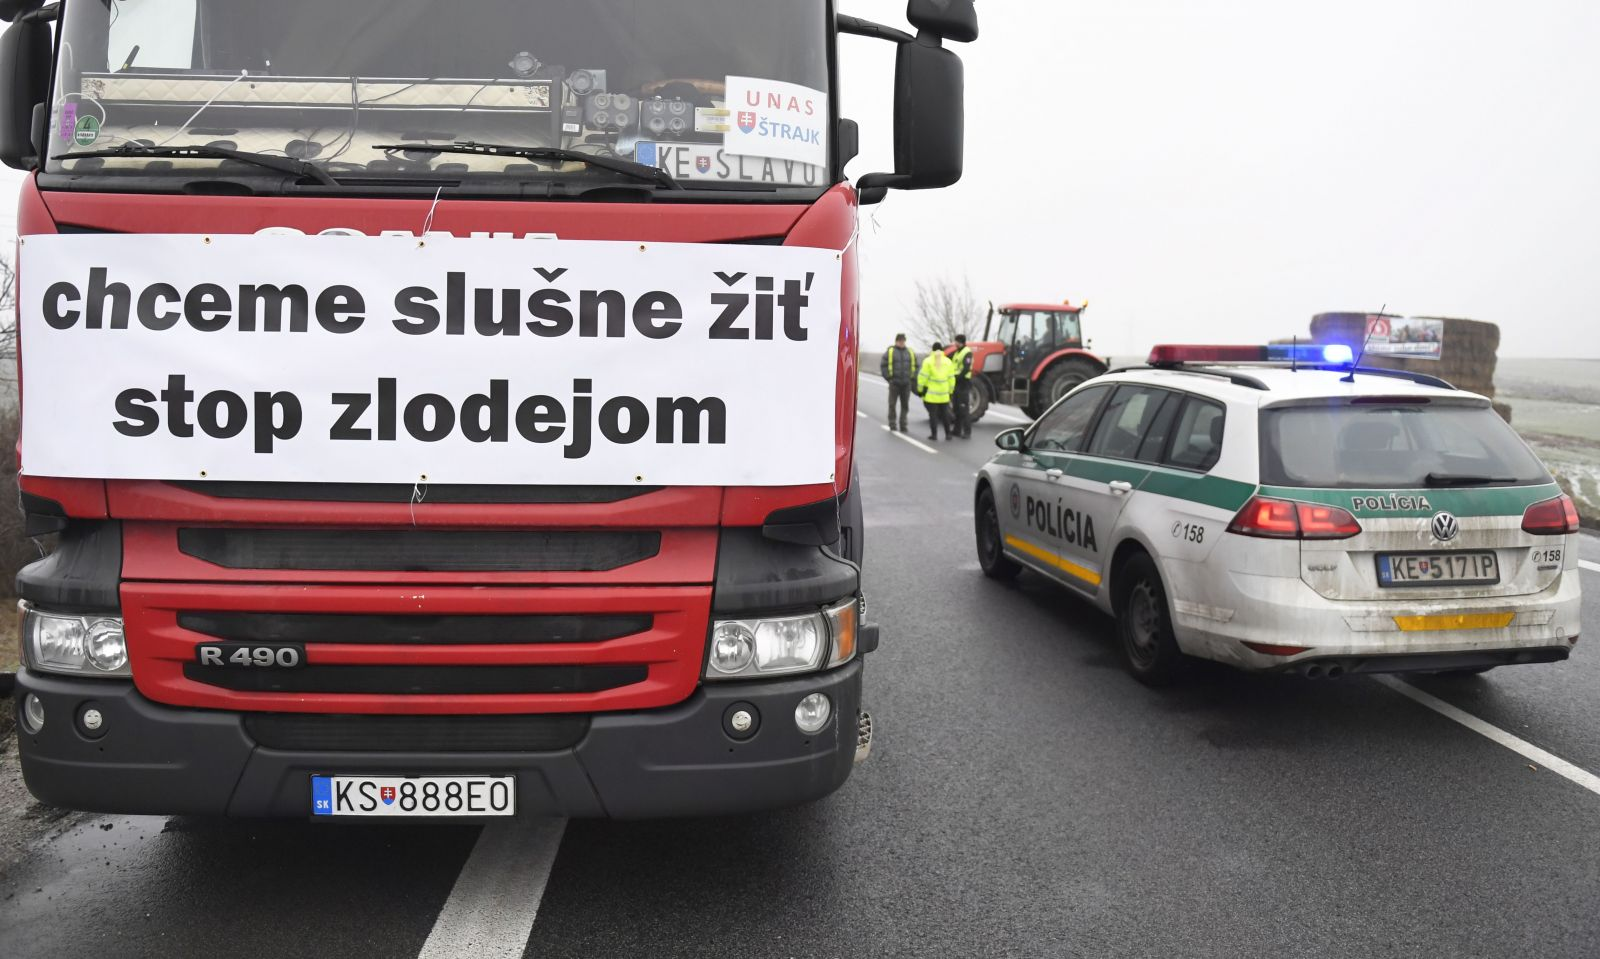 Premiér Pellegrini: Dopravcovia obťažujú slovenských občanov a robia z nich rukojemníkov. Vyzýva ich, aby rokovali